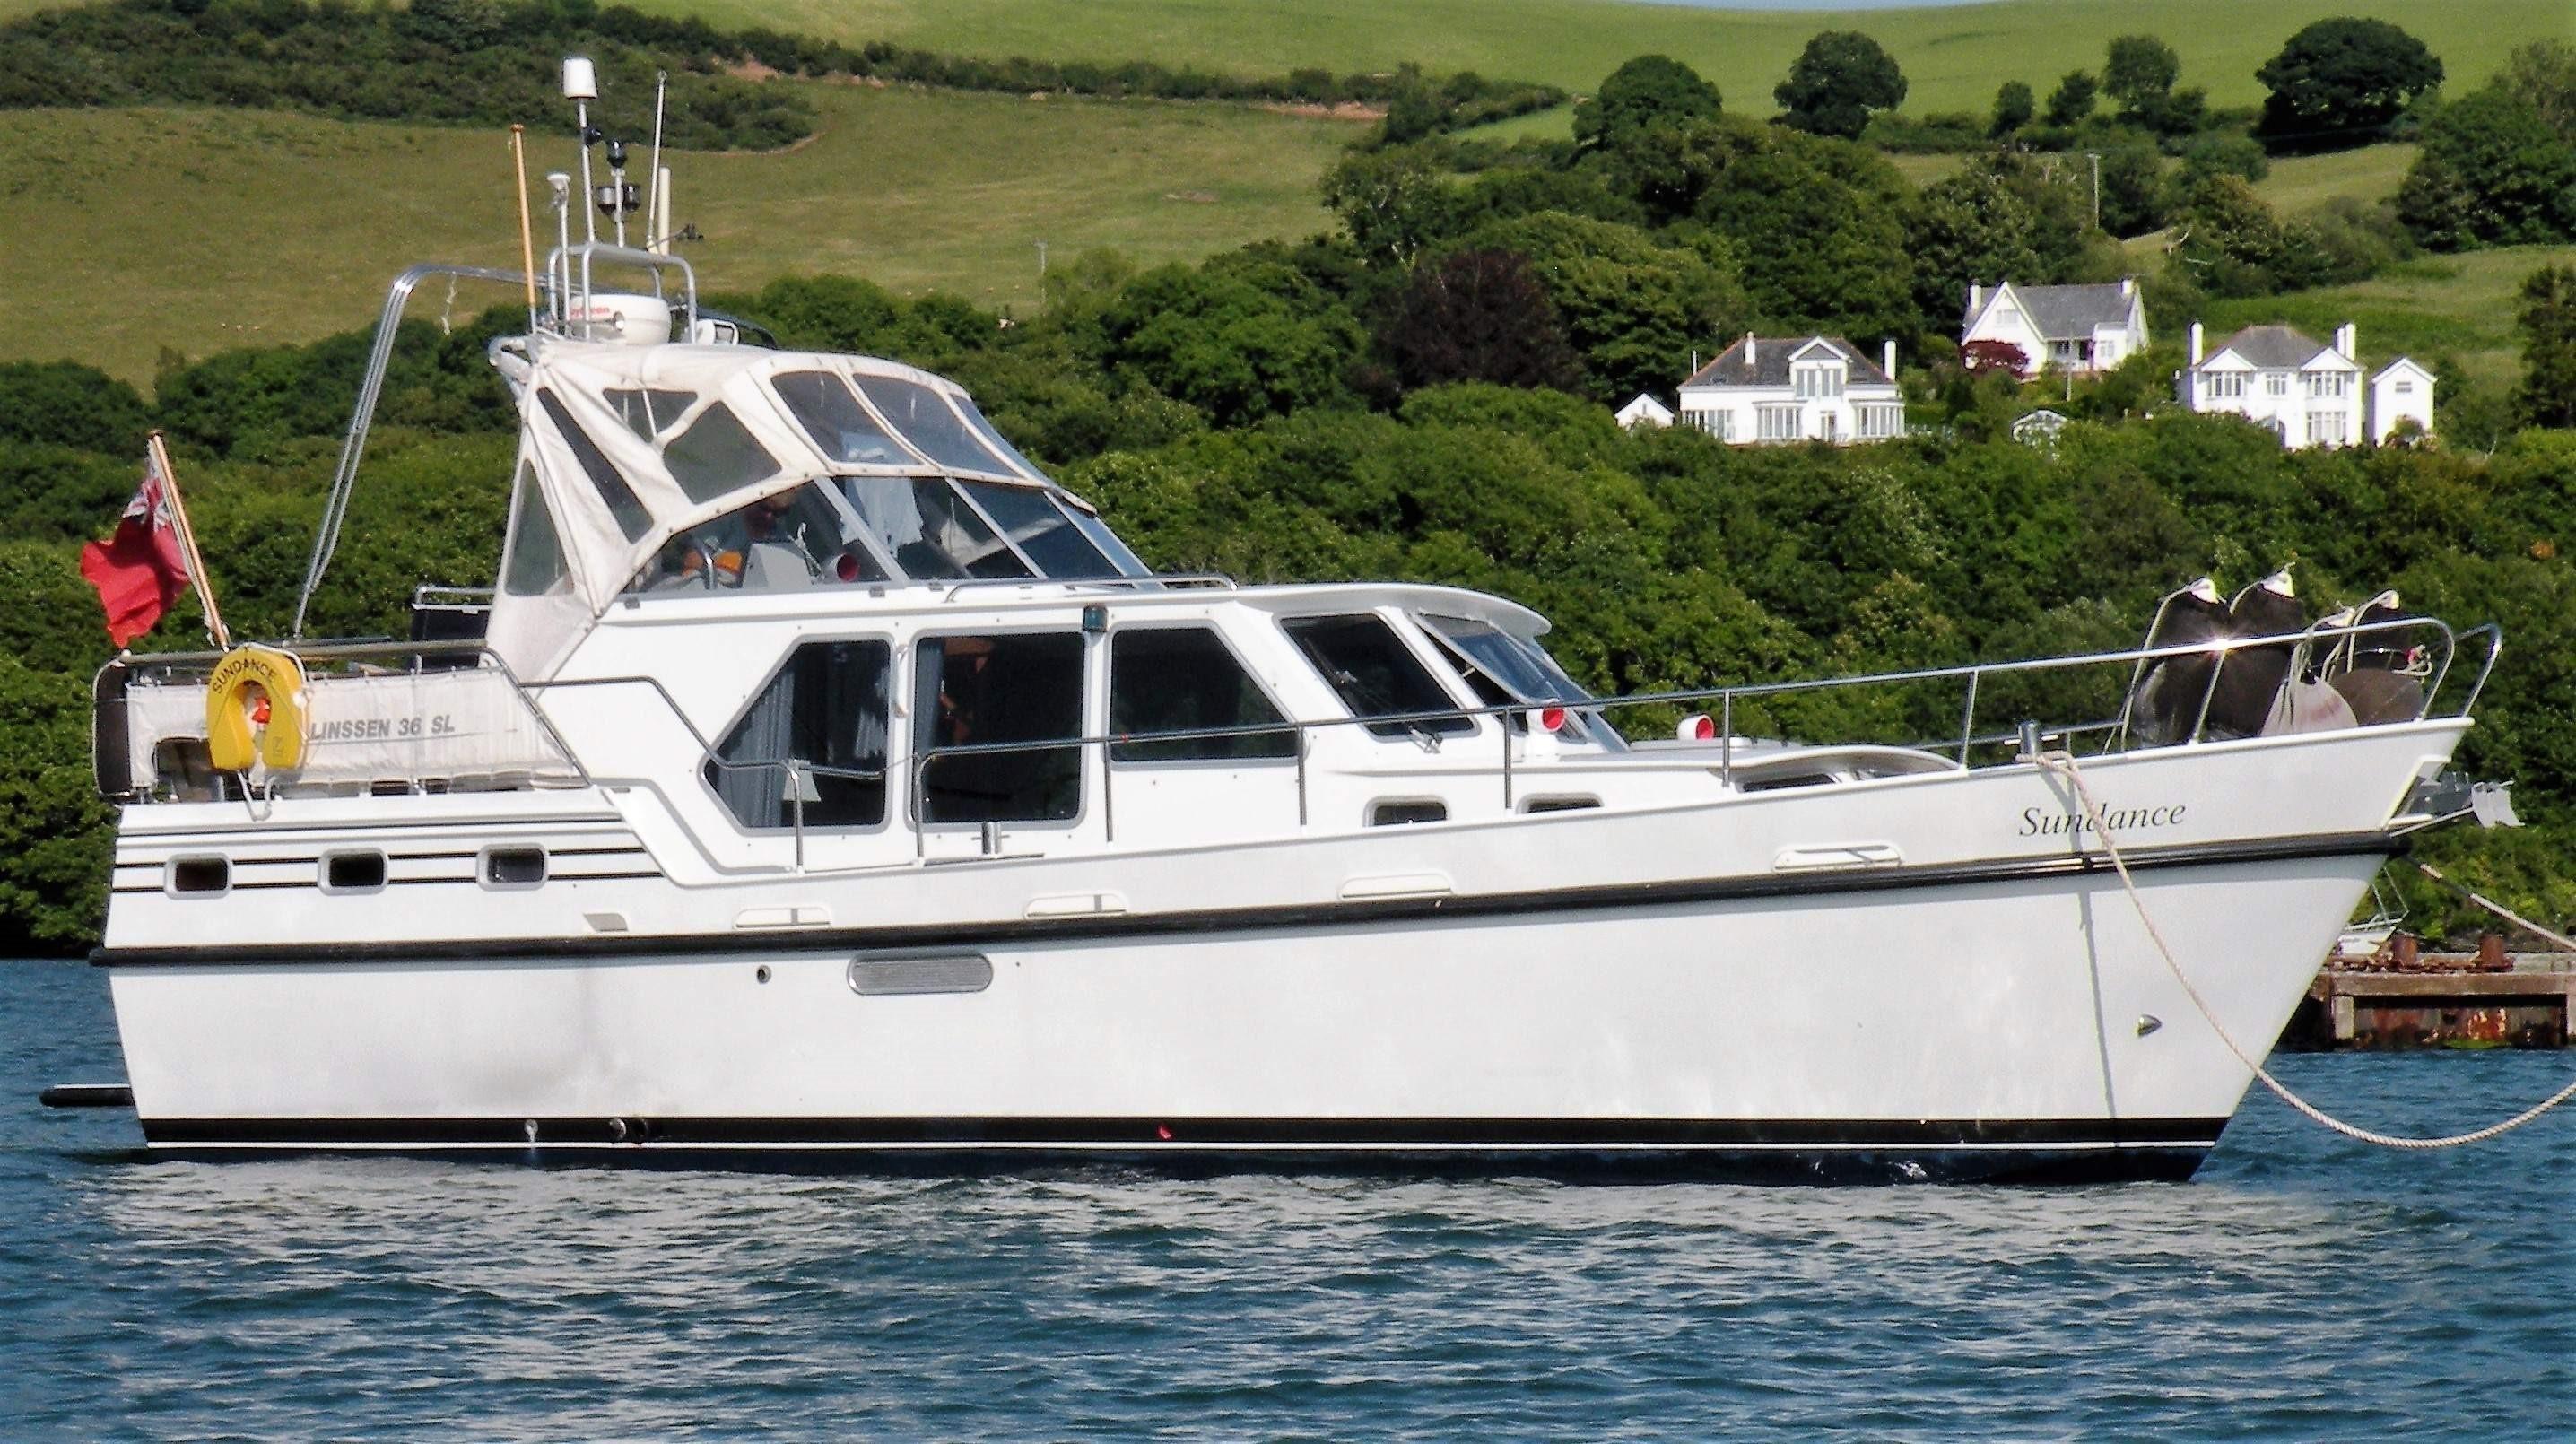 1992 linssen 36sl dutch steel cruiser power boat for sale. Black Bedroom Furniture Sets. Home Design Ideas